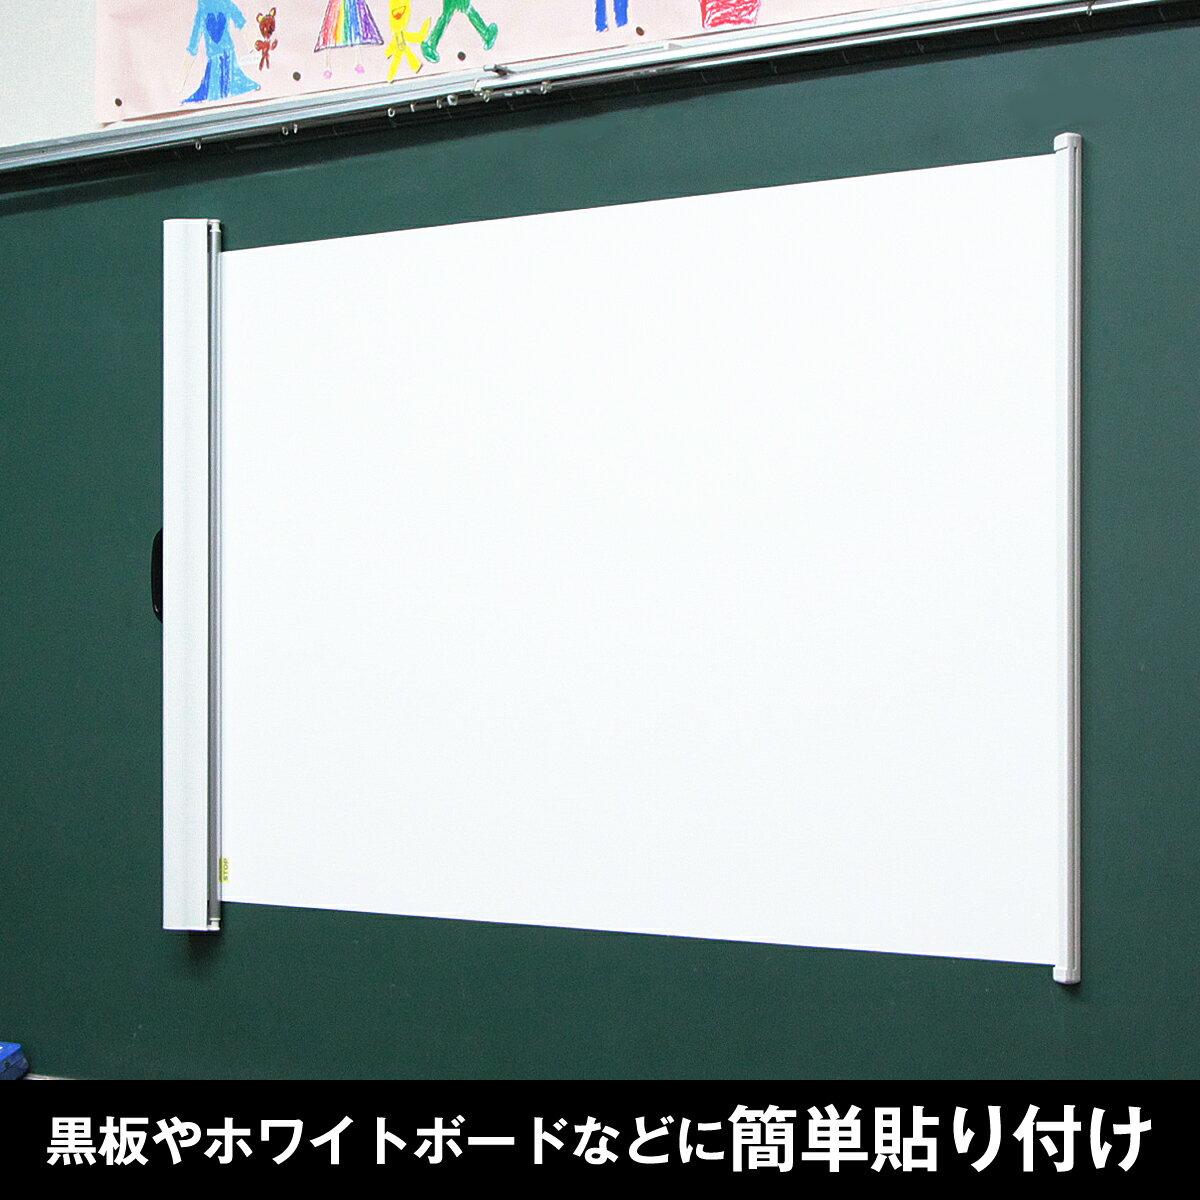 シアターハウス マグネットスクリーン 72インチ(16:10)黒板 ホワイトボード対応